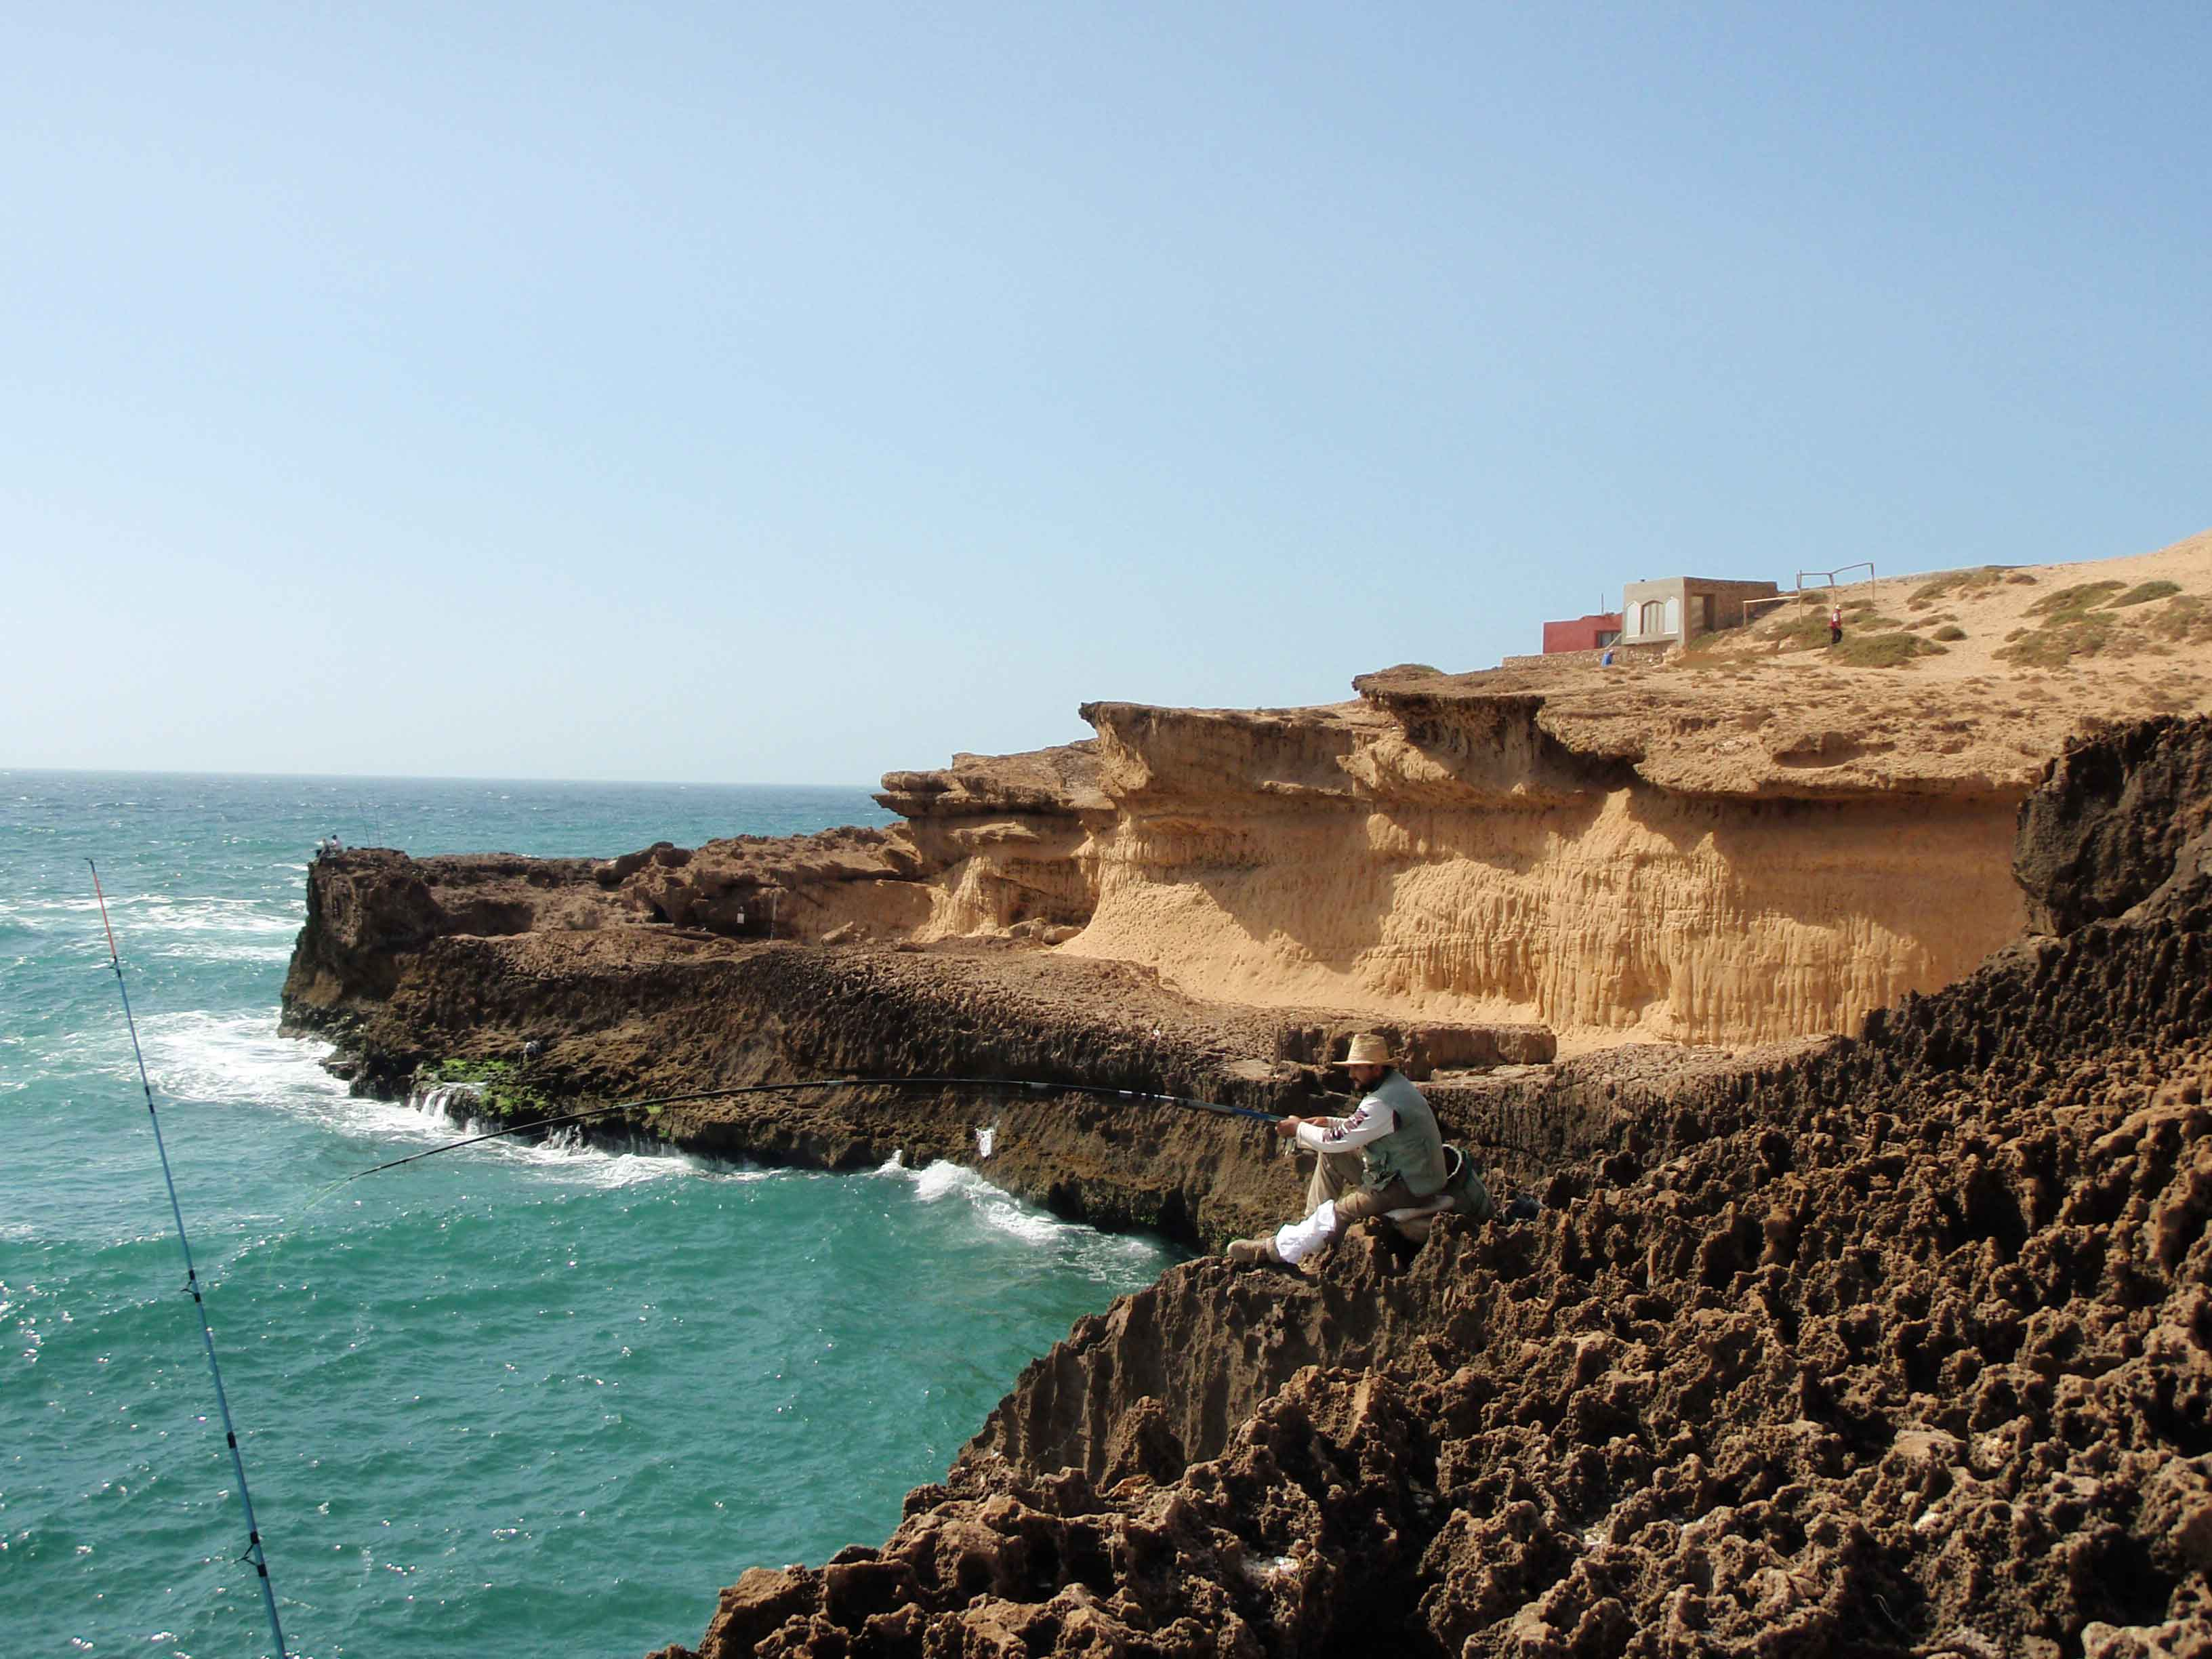 Les falaises de Issoh